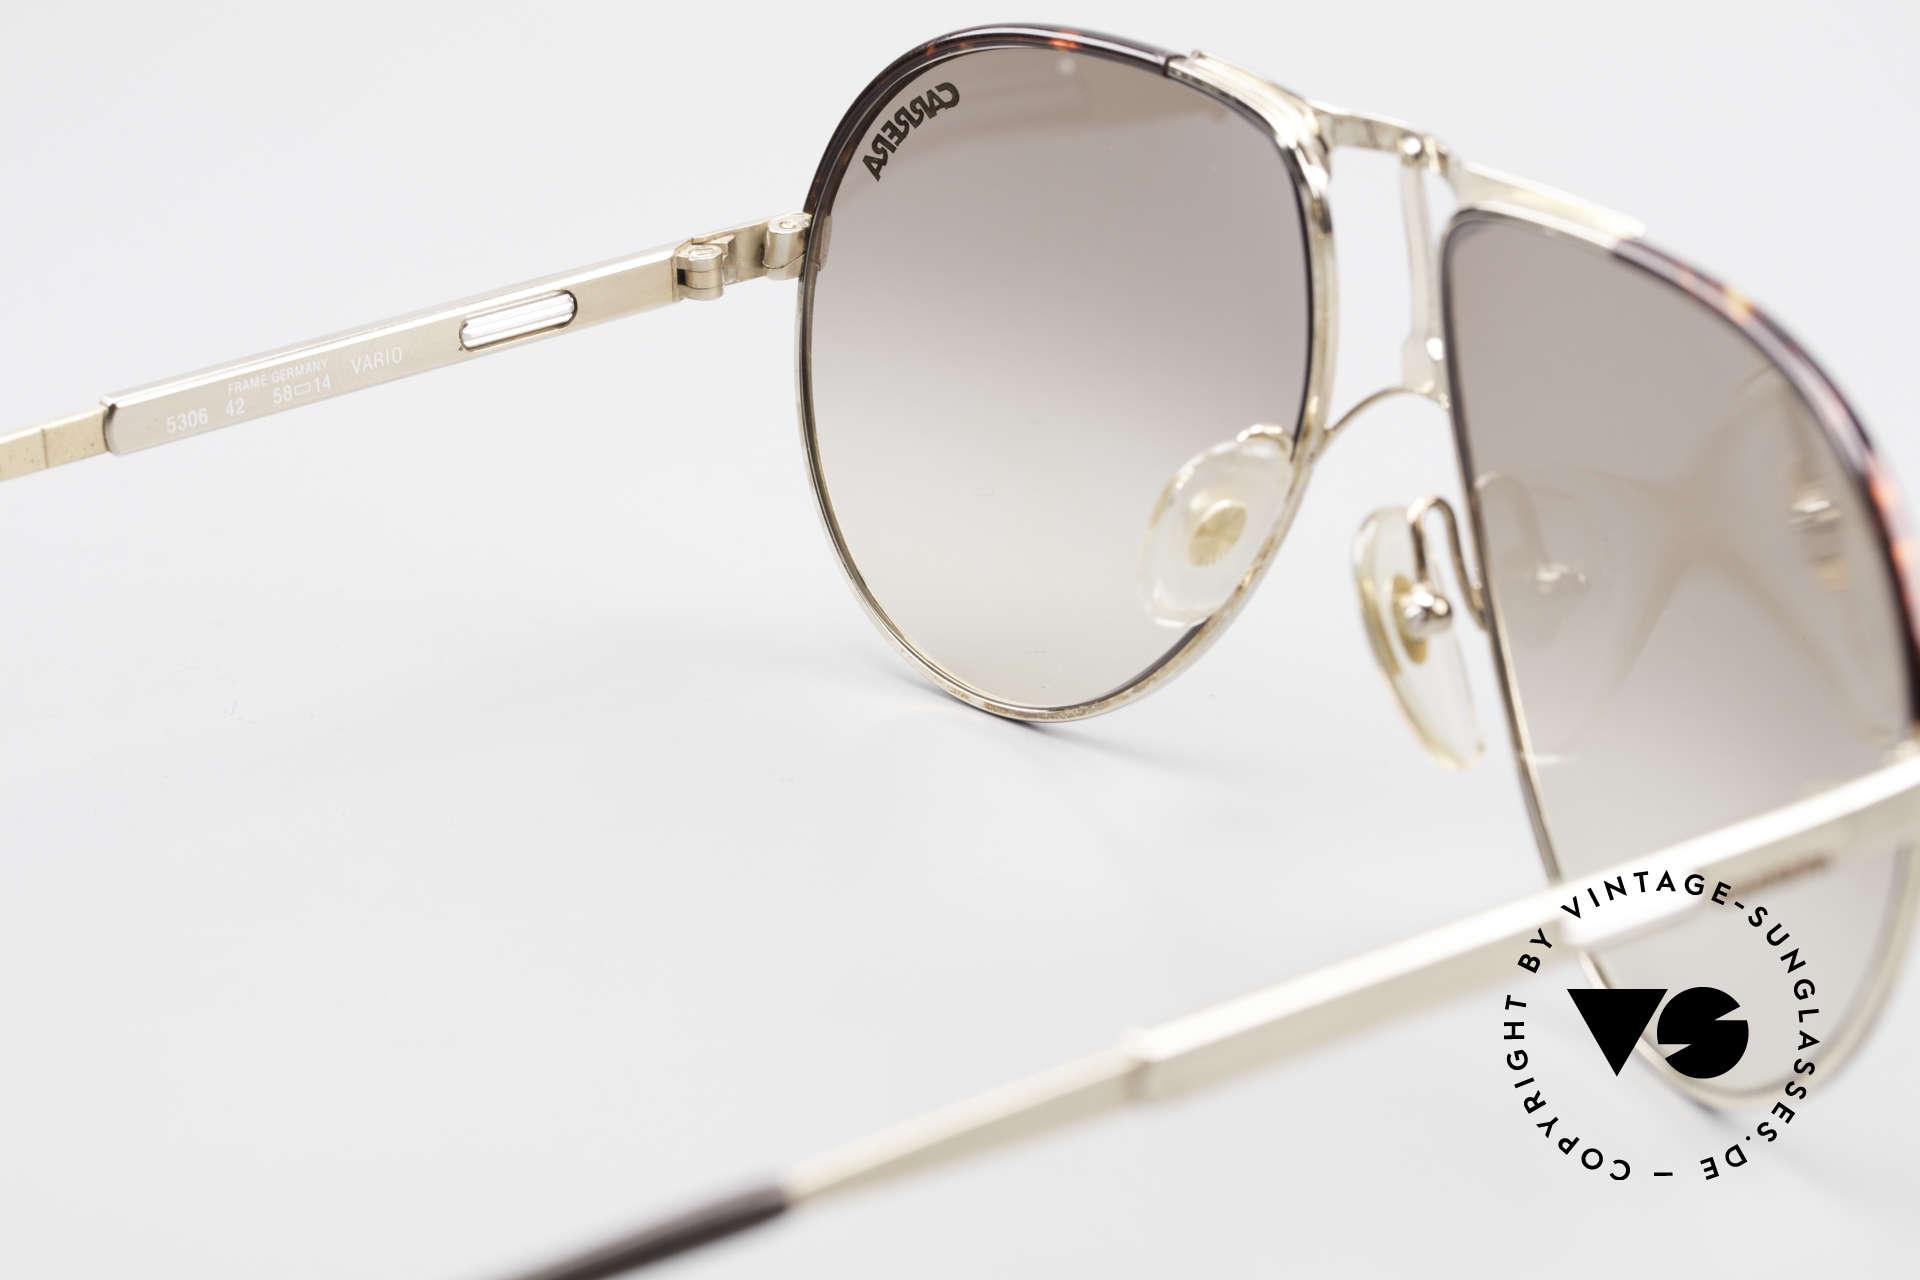 Carrera 5306 Brad Pitt Vintage Sunglasses, NO retro sunglasses, but a rare (30 years old) ORIGINAL, Made for Men and Women